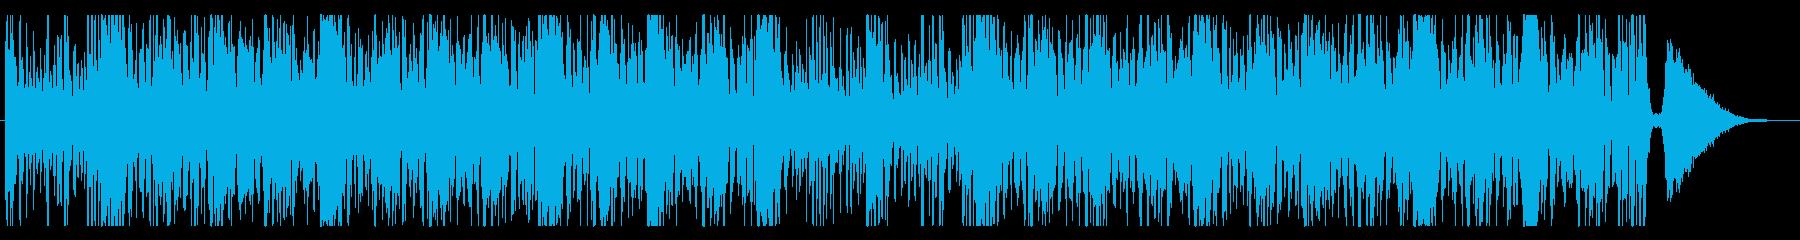 打楽器を多用した躍動感あるROCKの再生済みの波形